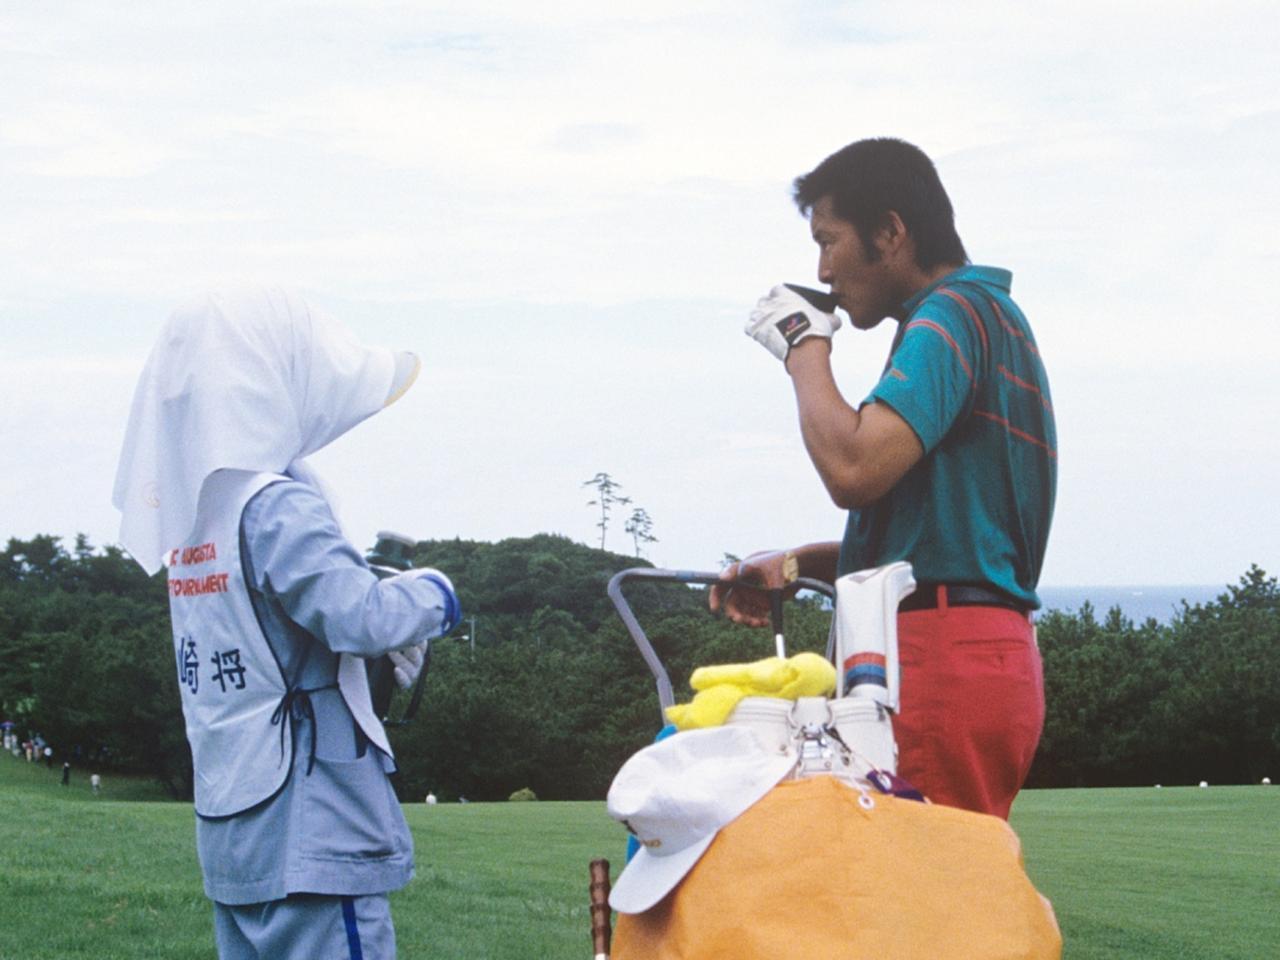 画像: 【不朽のインタビュー・尾崎将司】山際淳司に語った「カムバック~前編」。ニクラスの門を叩いて「お願いします」というのが一番だと思う - ゴルフへ行こうWEB by ゴルフダイジェスト